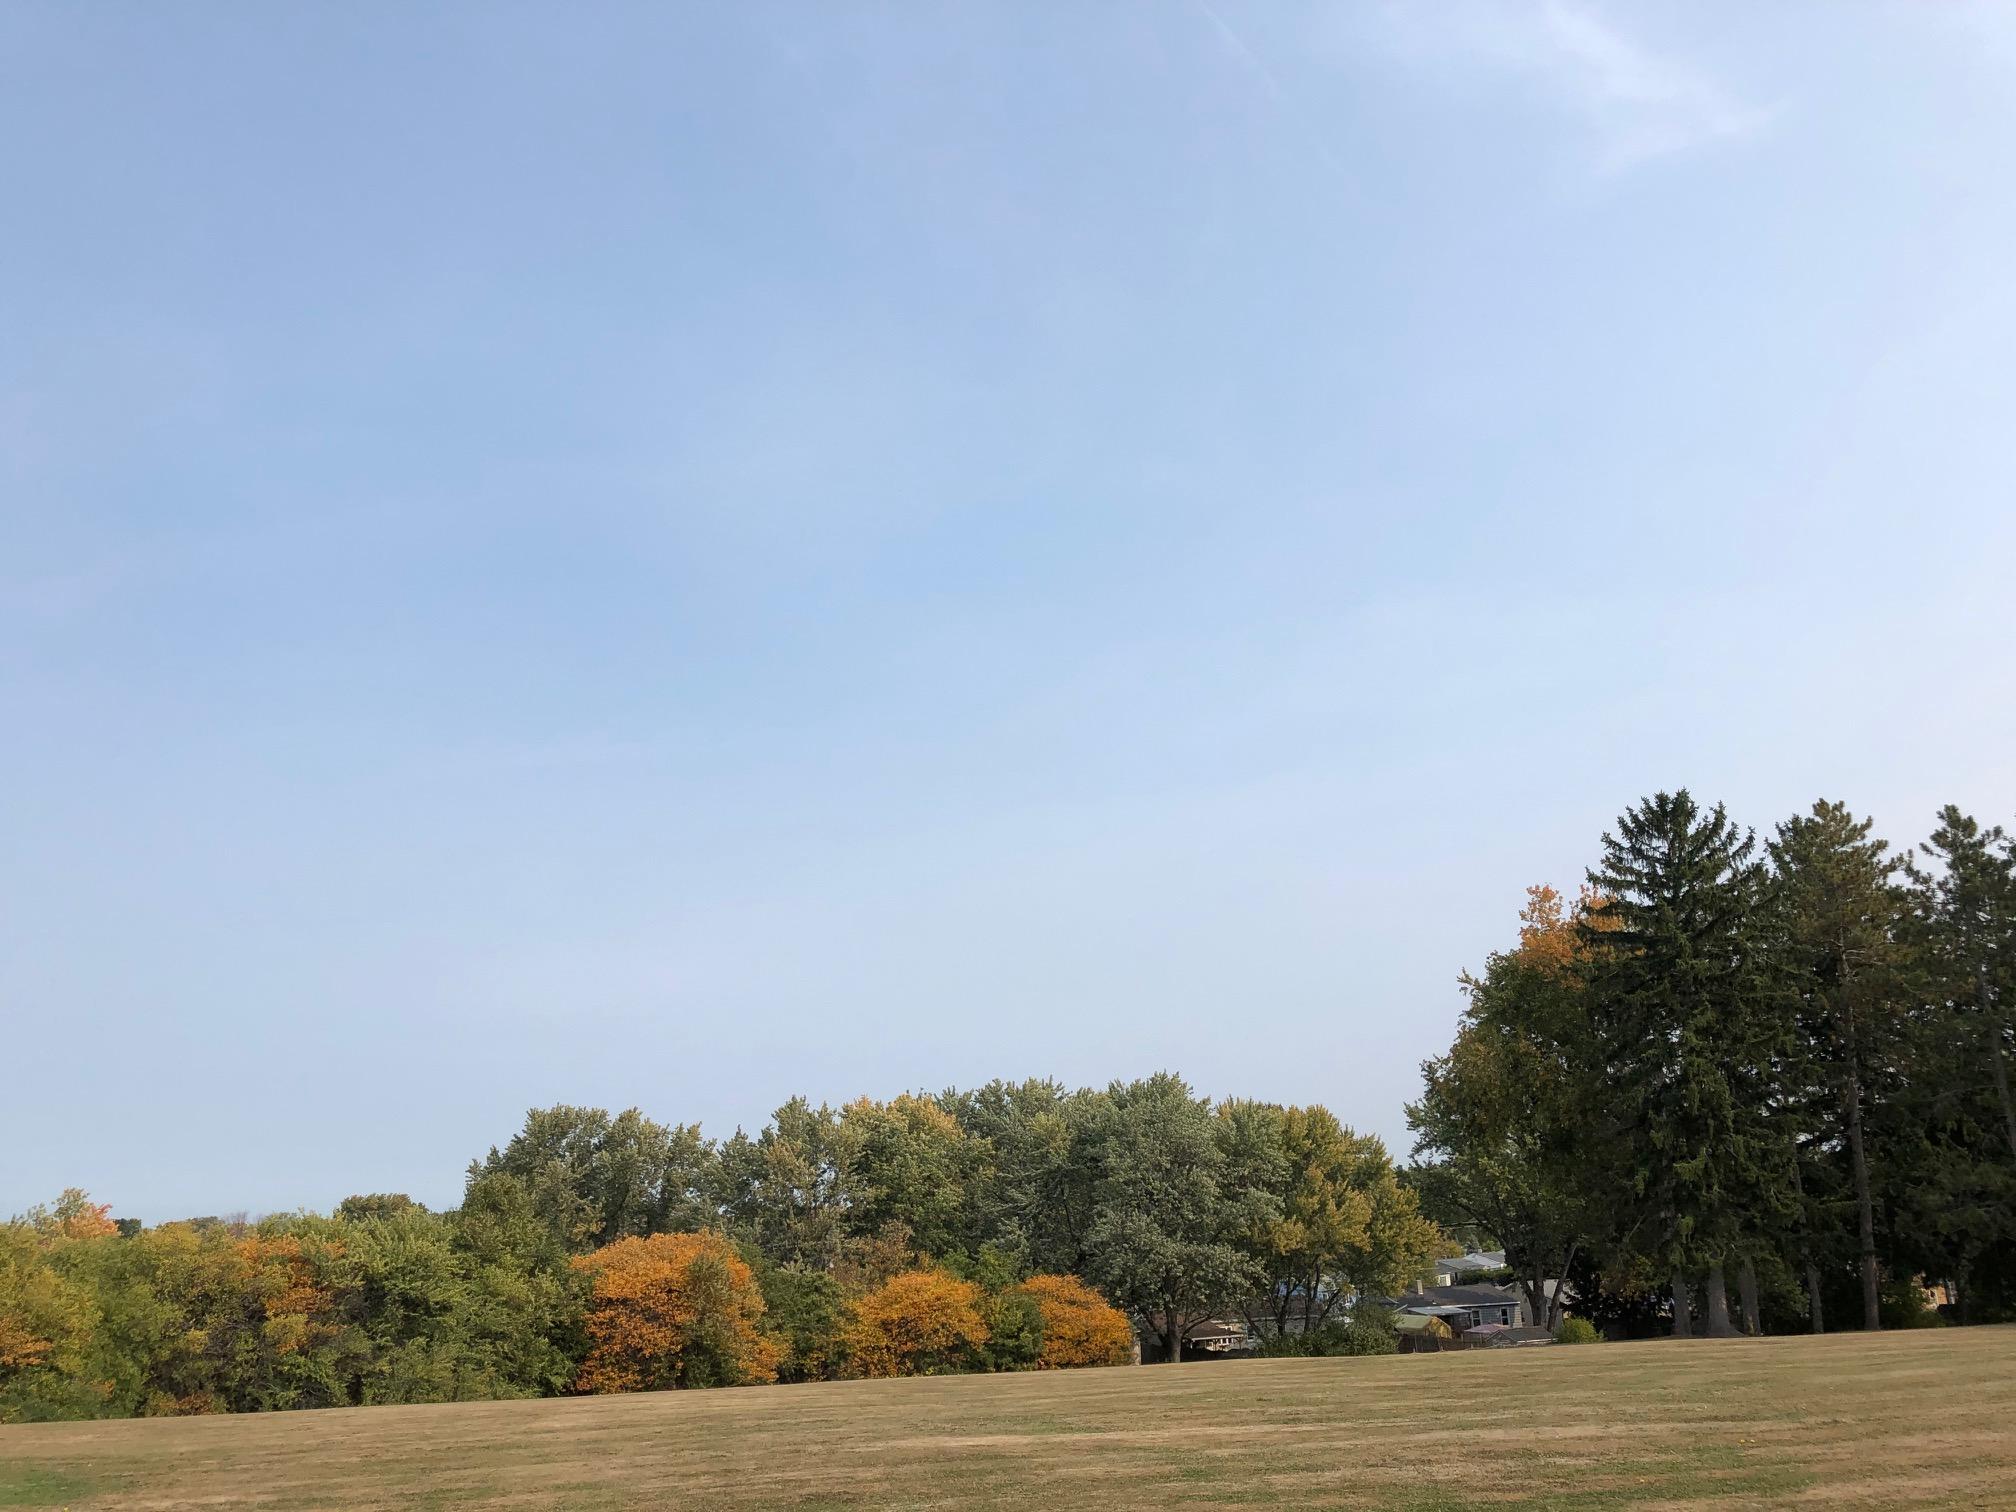 Neighborhood leaves